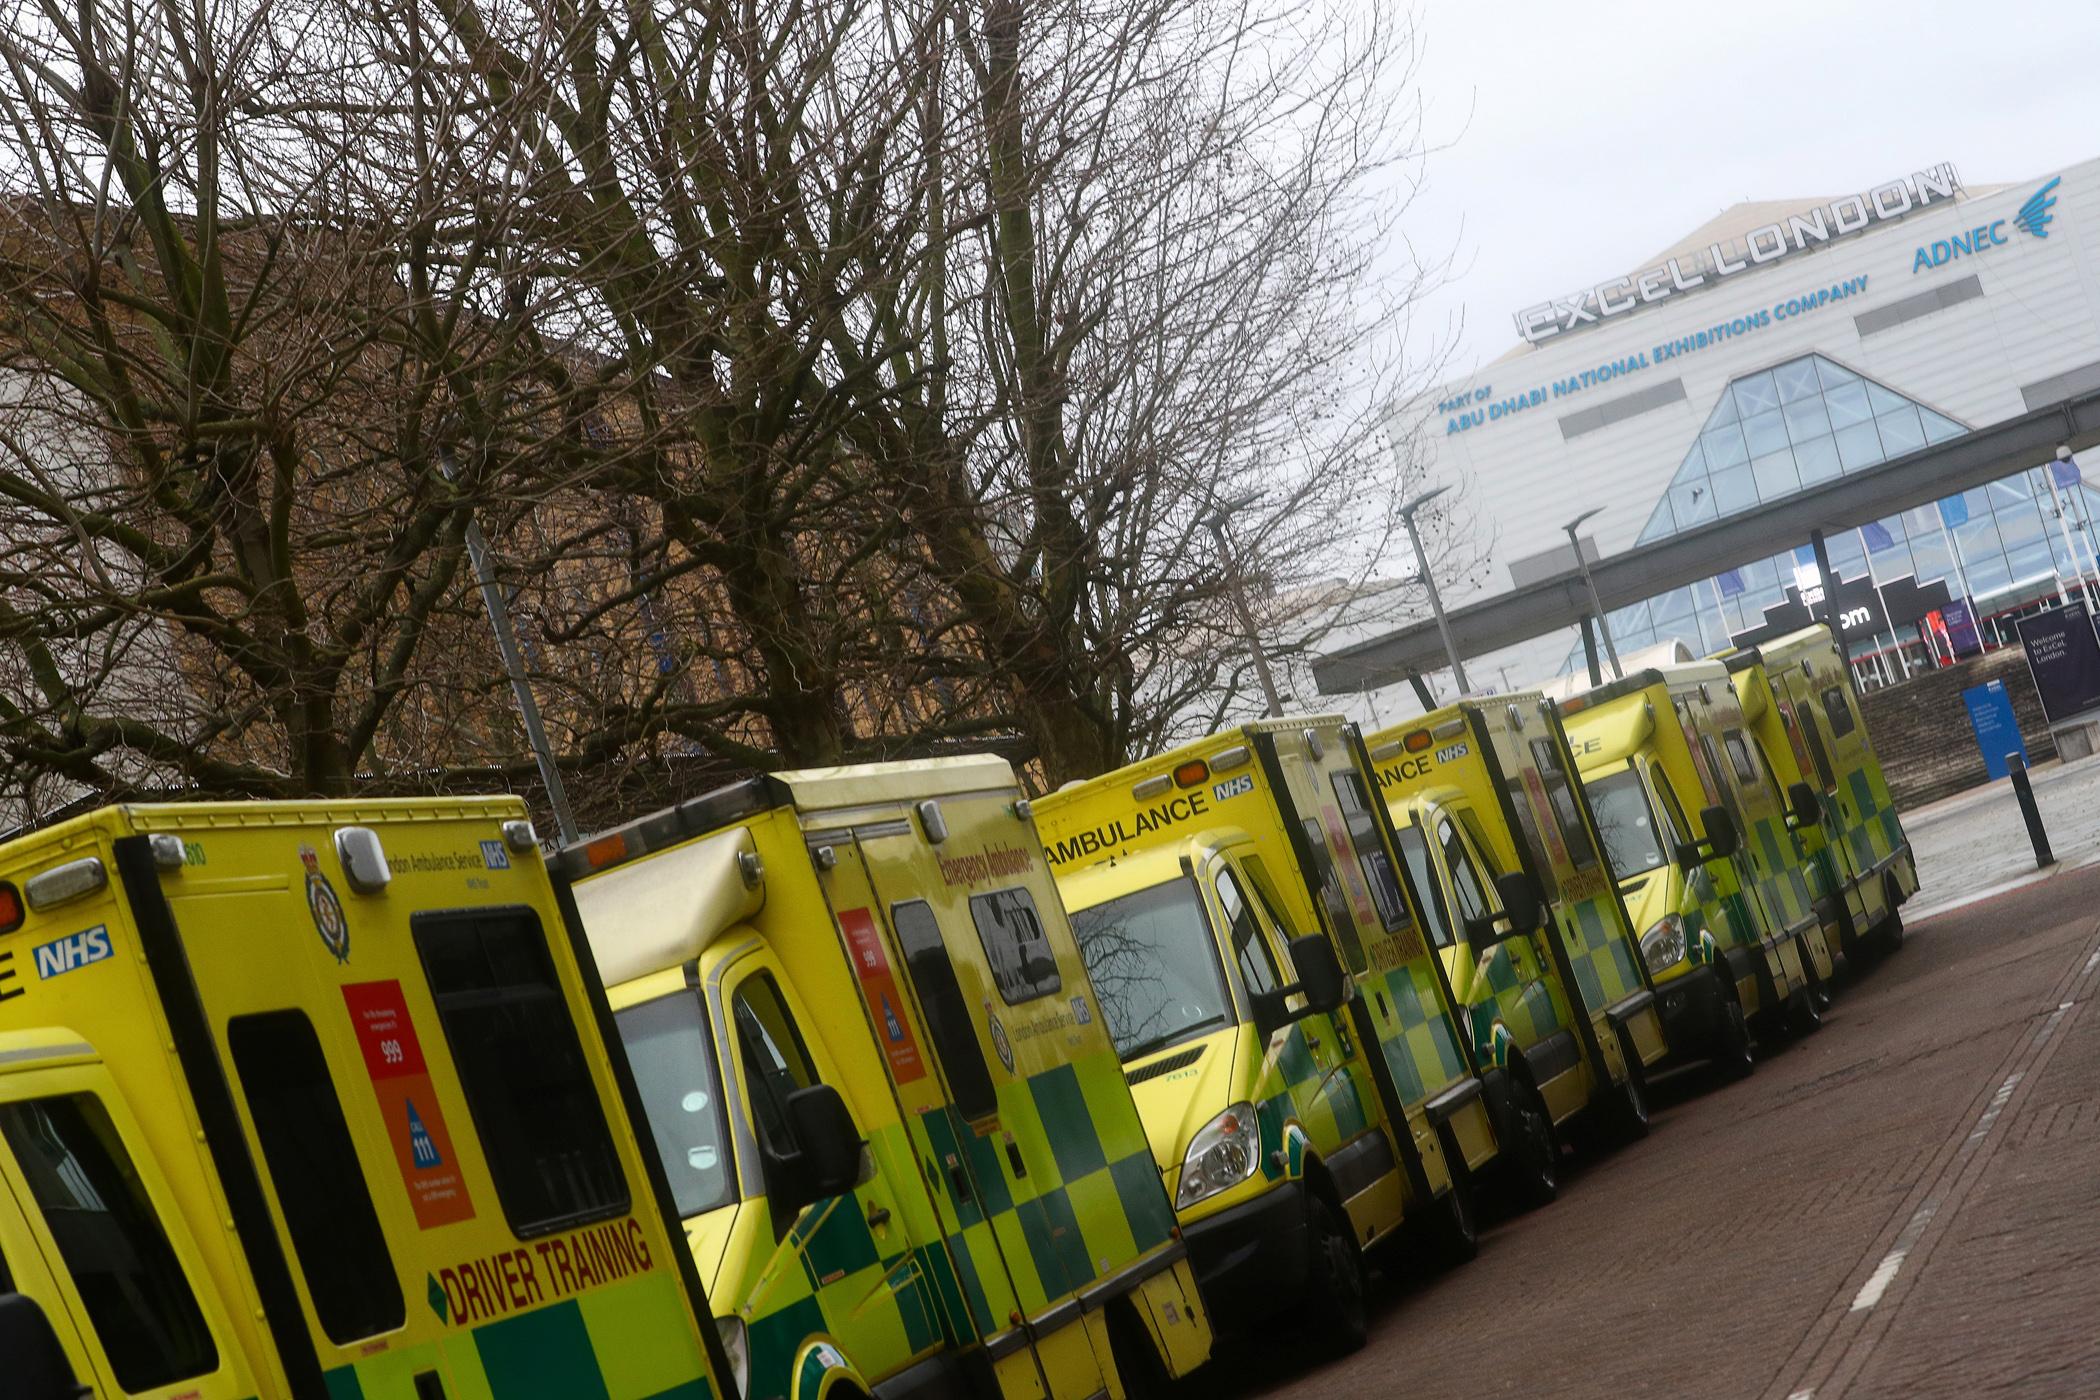 Στη δίνη του κορονοϊού η Βρετανία – Κλείνουν σχολεία και ανοίγουν νοσοκομεία εκστρατείας